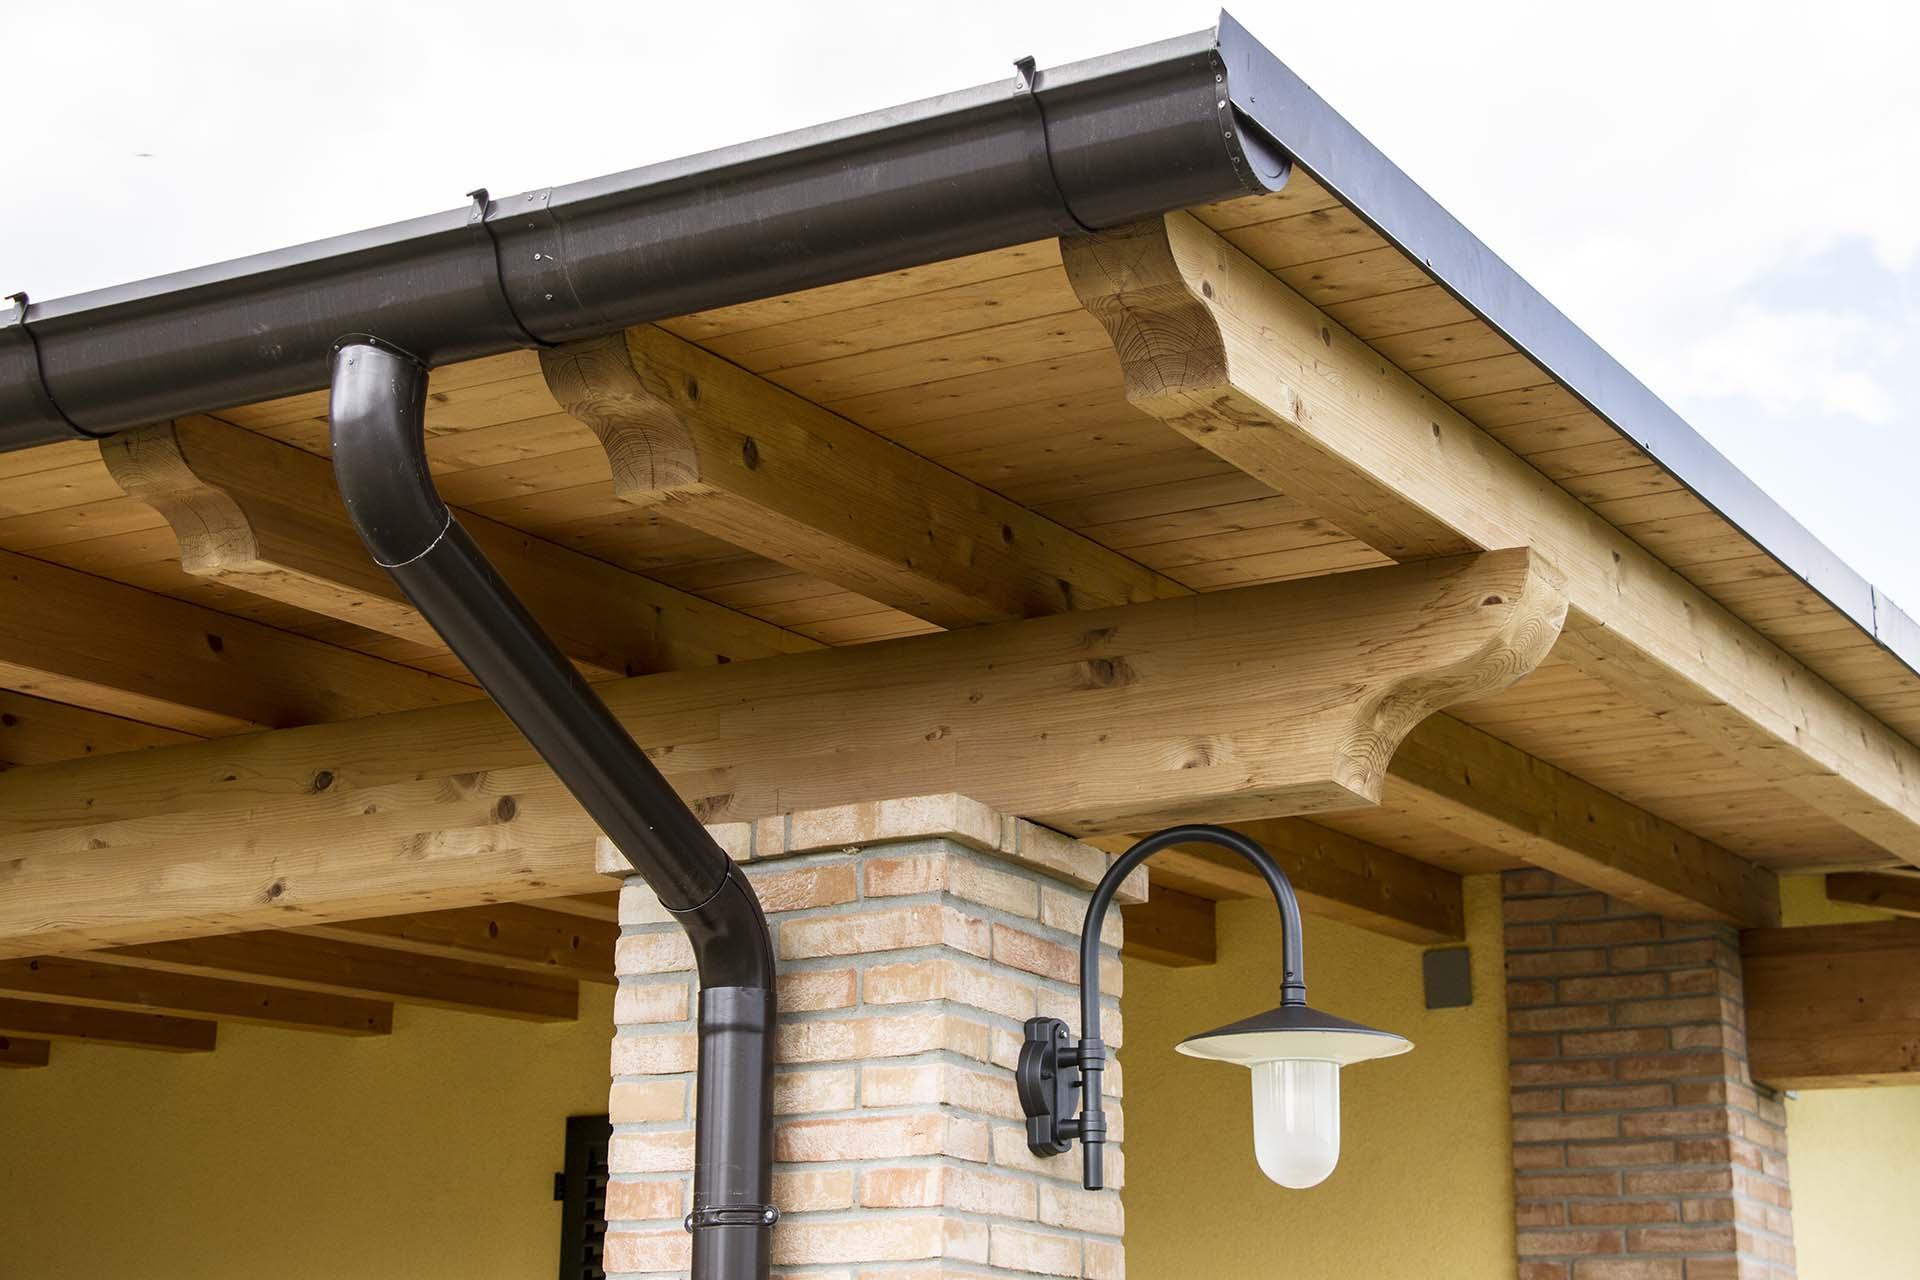 dettaglio materiale - mazzocchi legno-strutture edili in legno